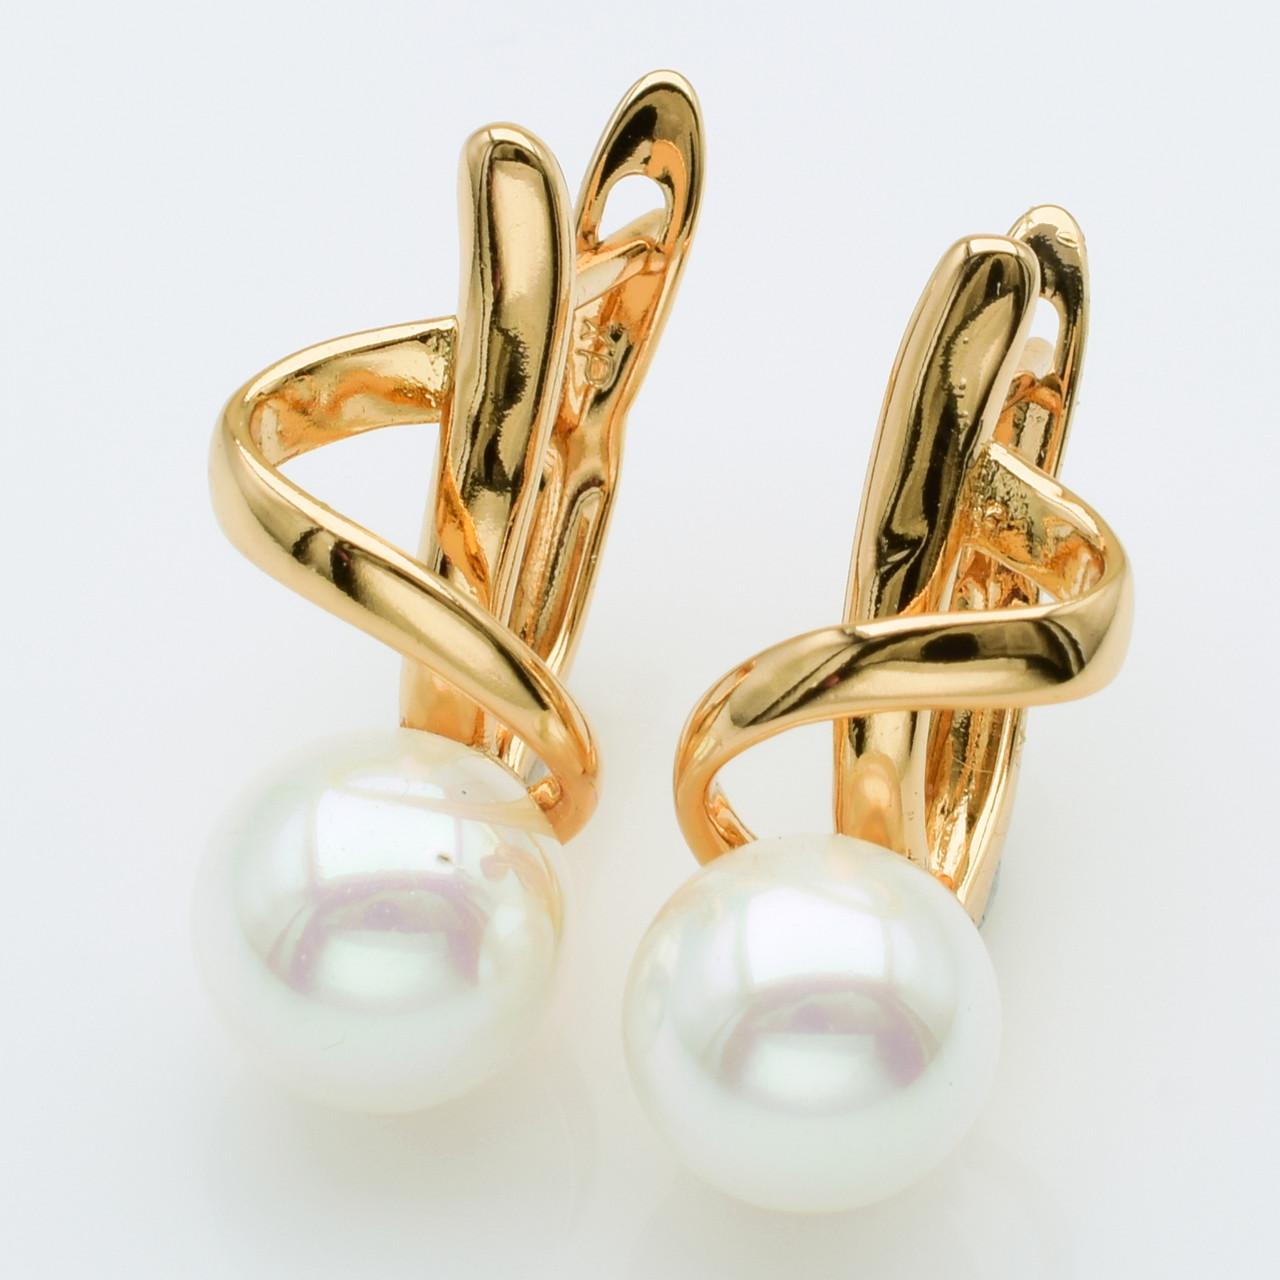 XUPING Сережки Позолота 18к з перлами і білими цирконами Висота 2.1 см, Ширина 0.9 см